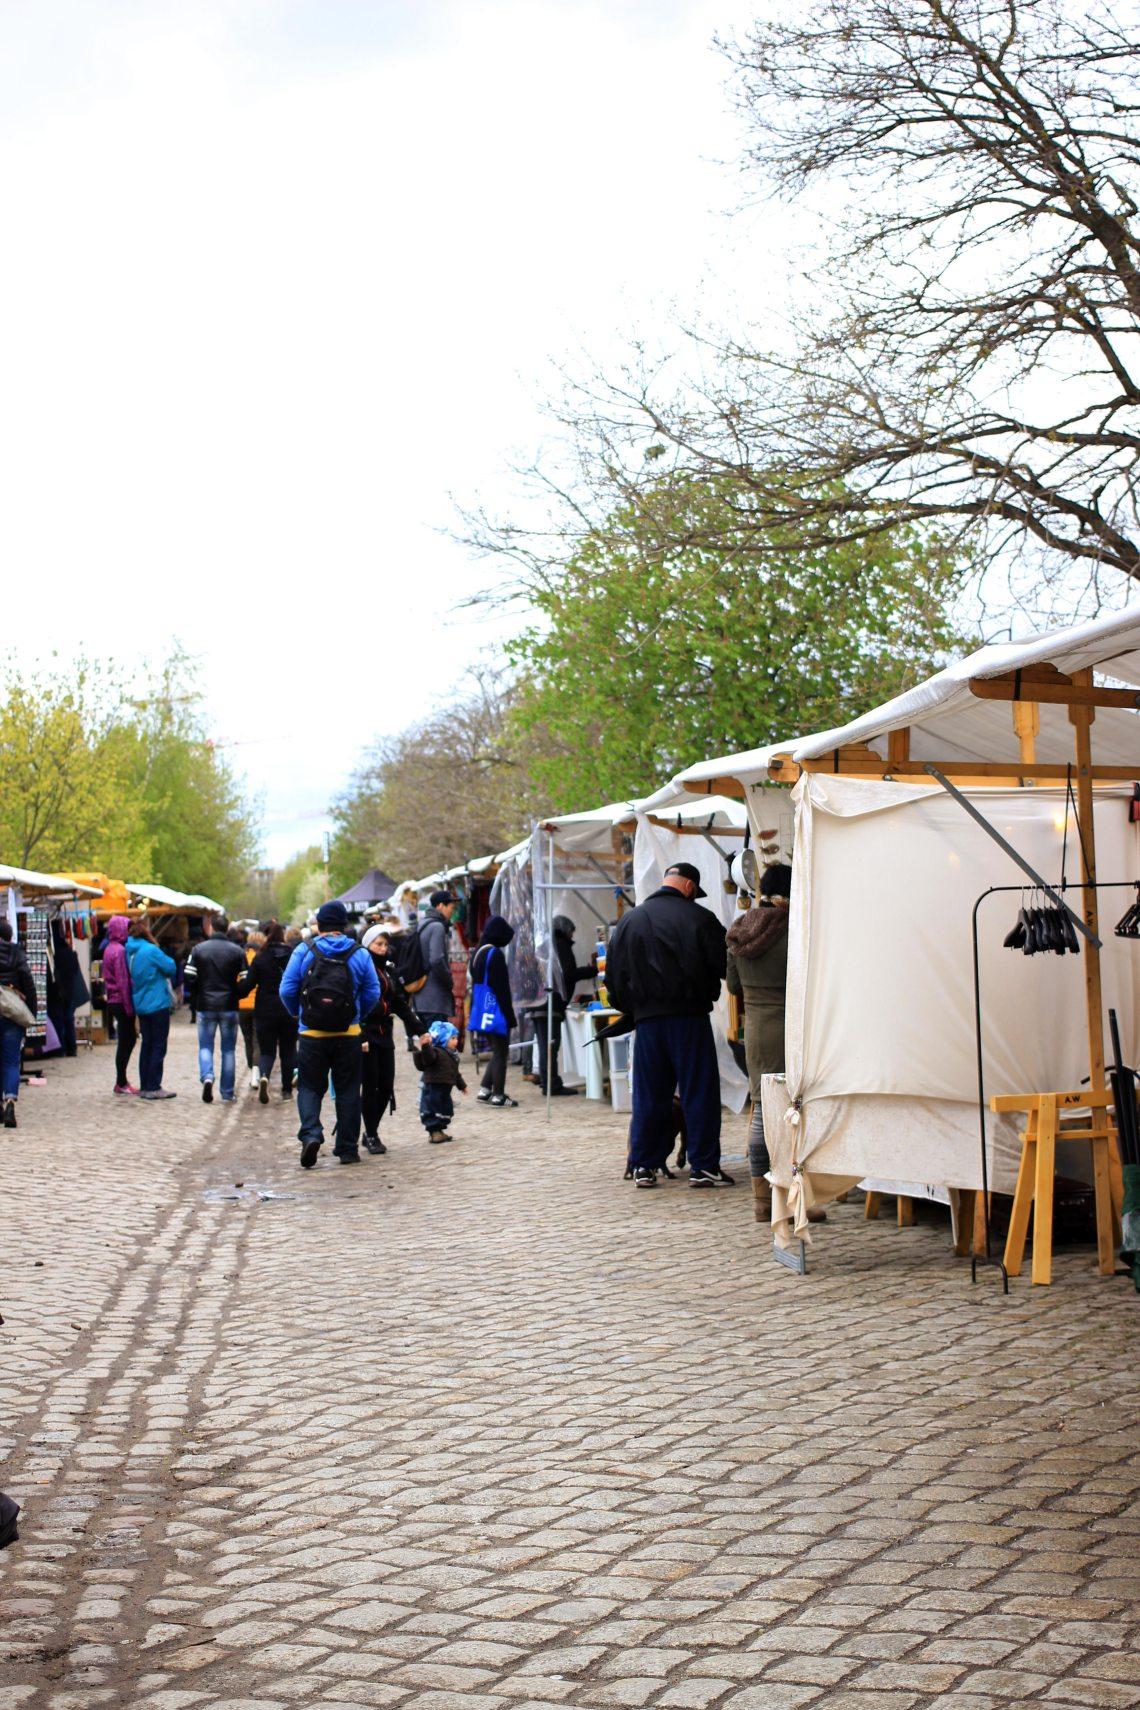 Flohmarkt Mauerpark Berlin vintage